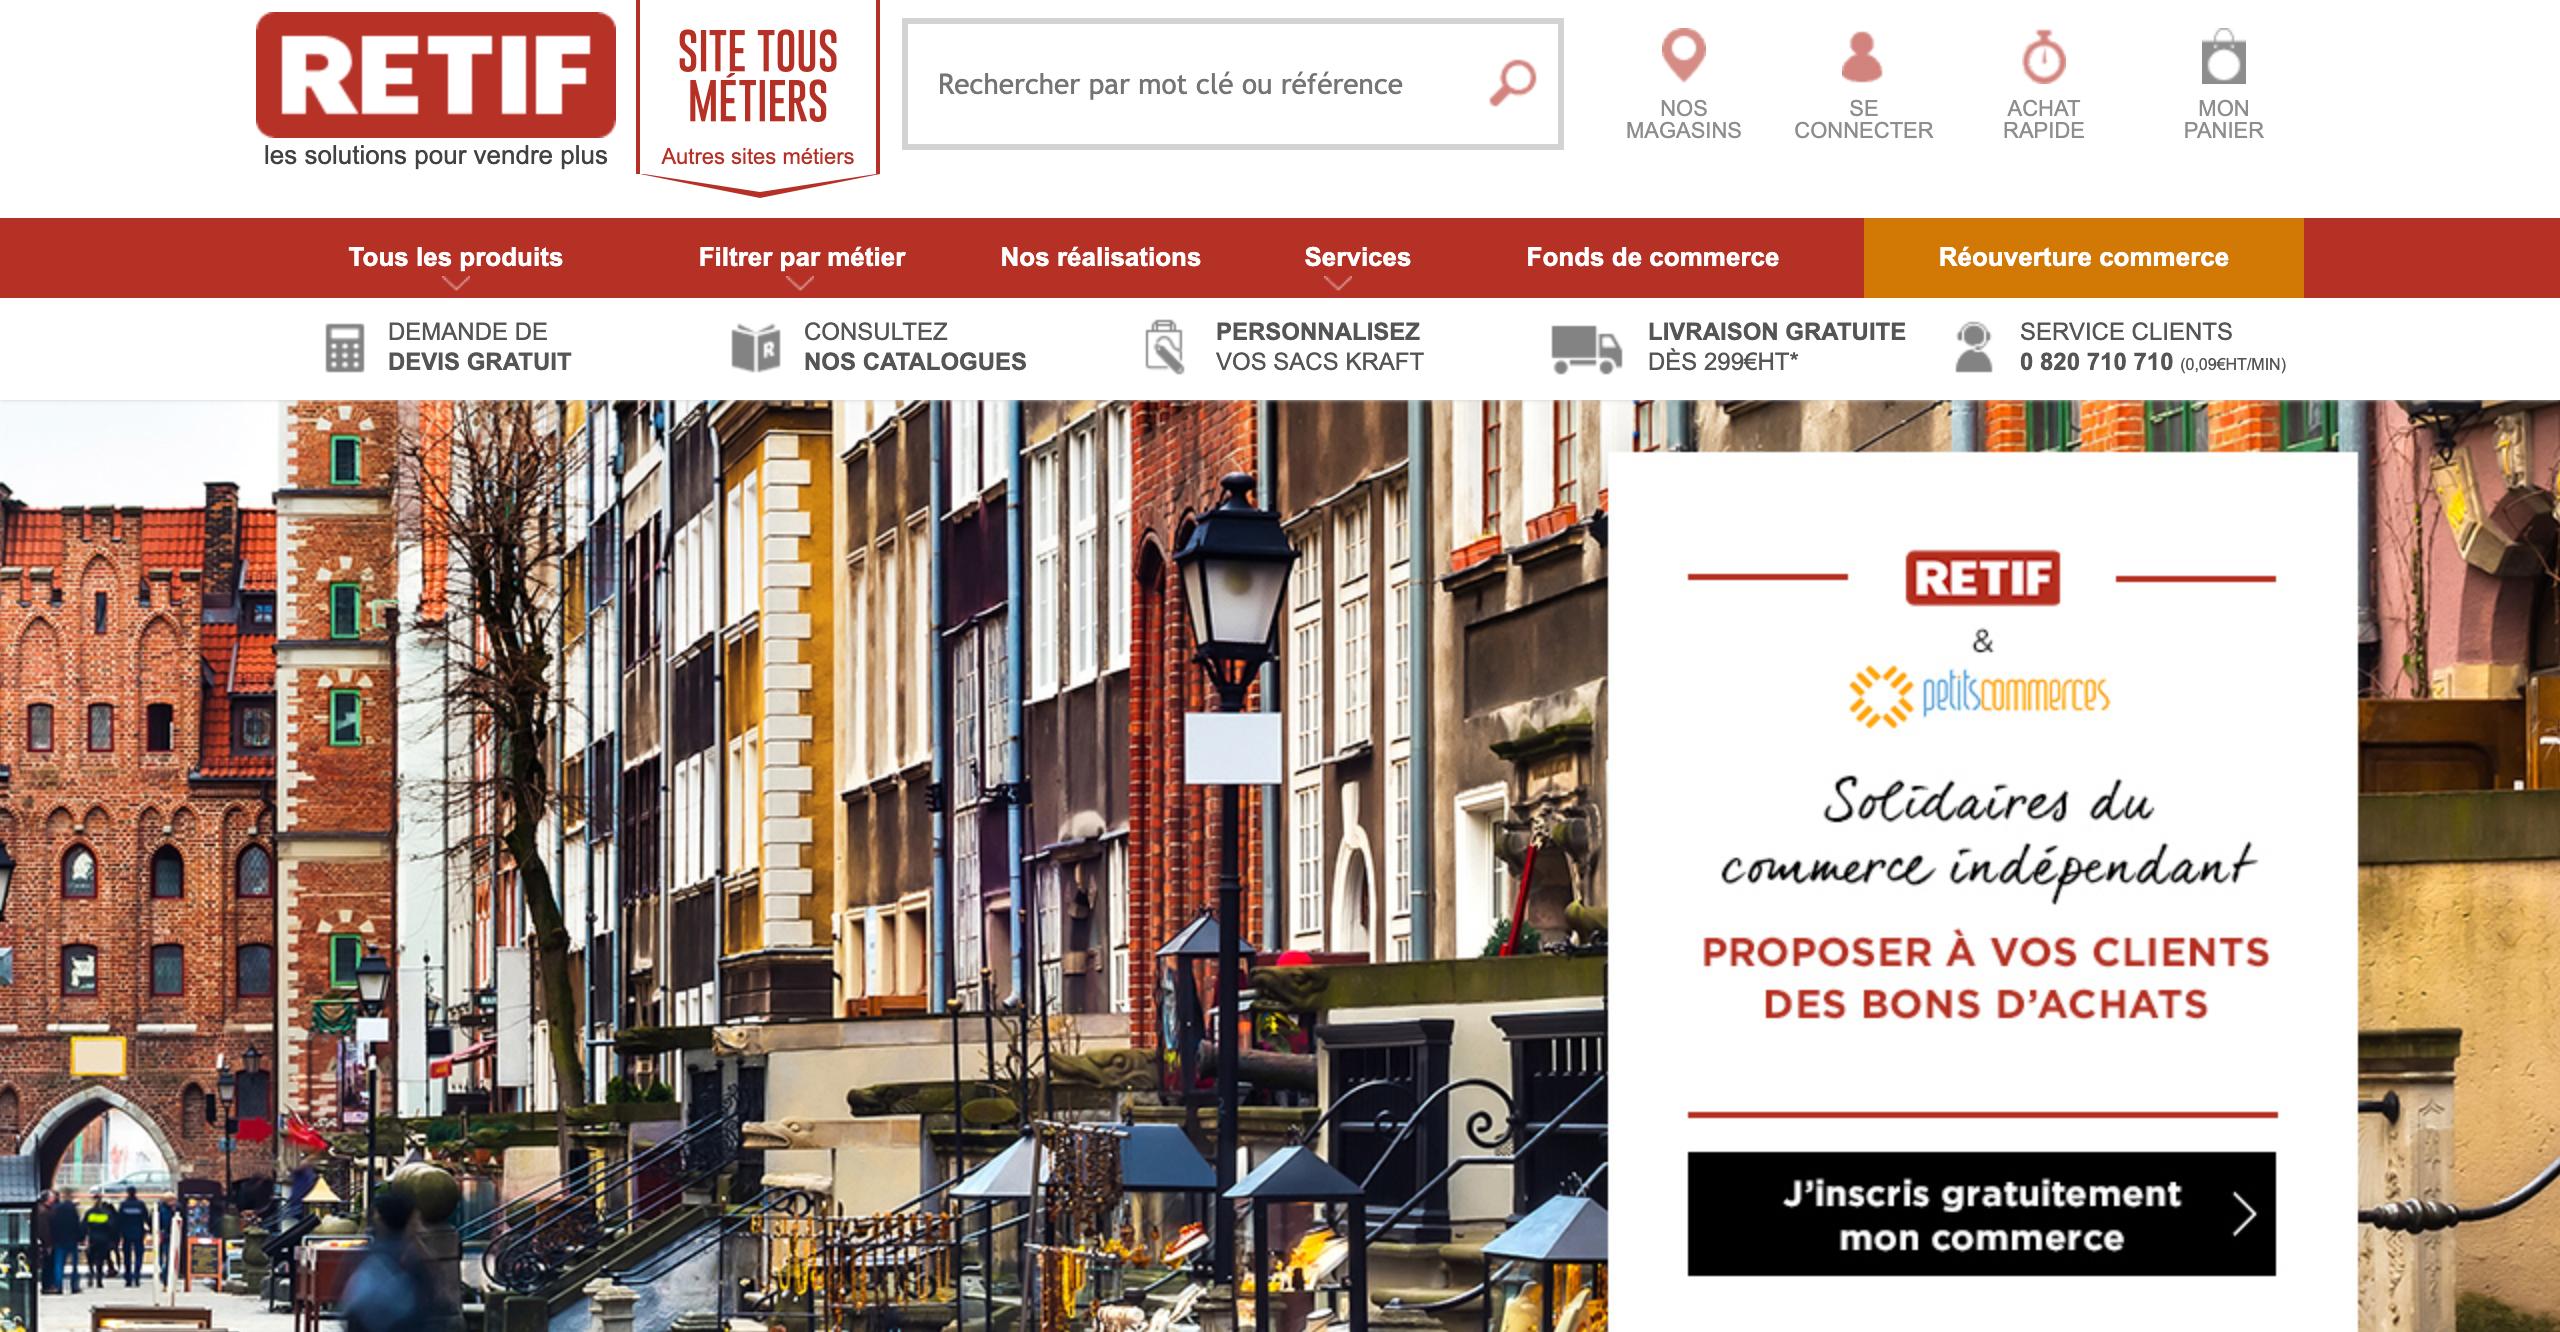 RETIF Partenaire Petitscommerces.fr